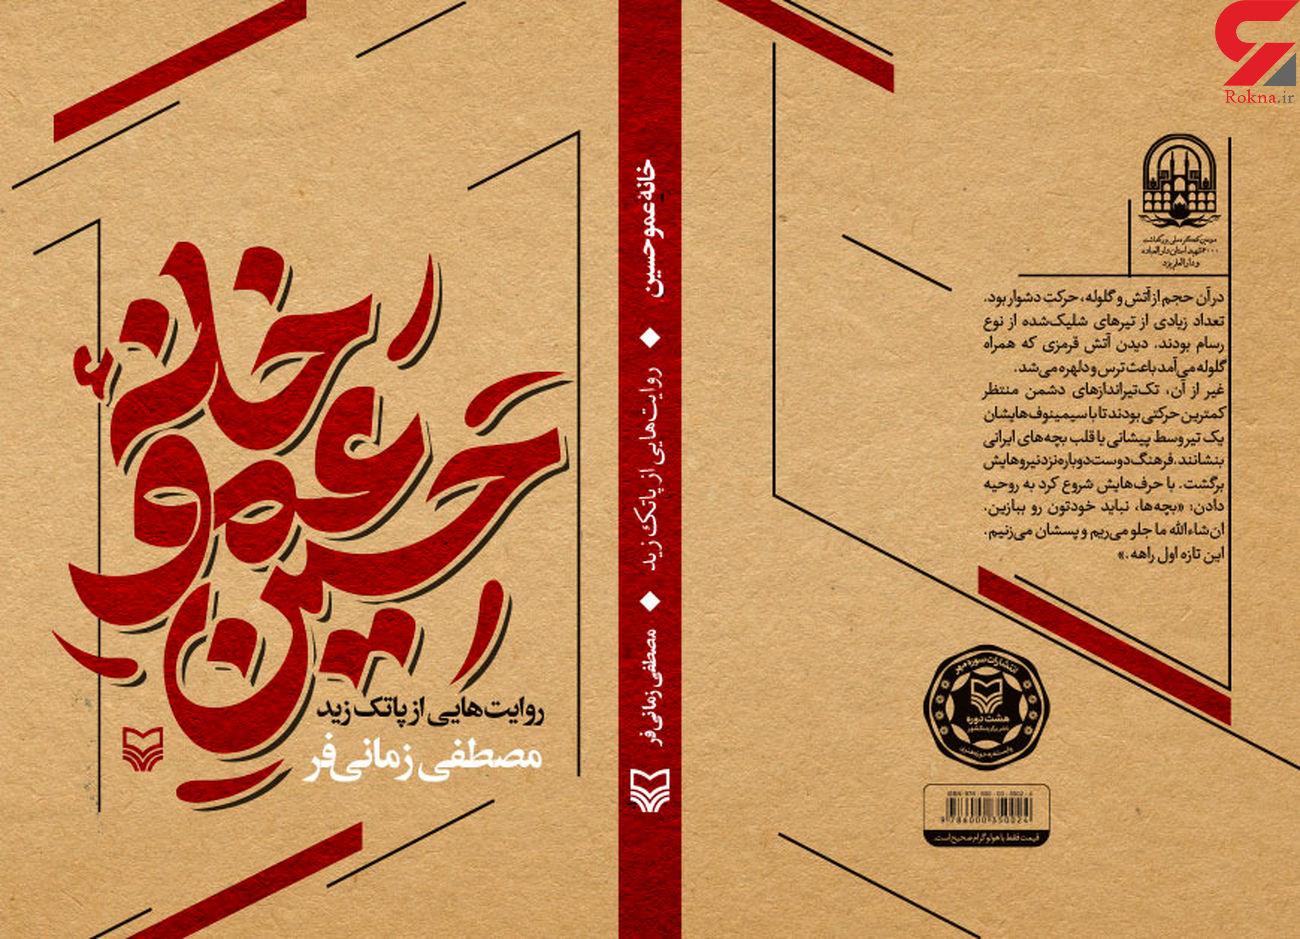 «خانه عمو حسین» در یزد منتشر شد